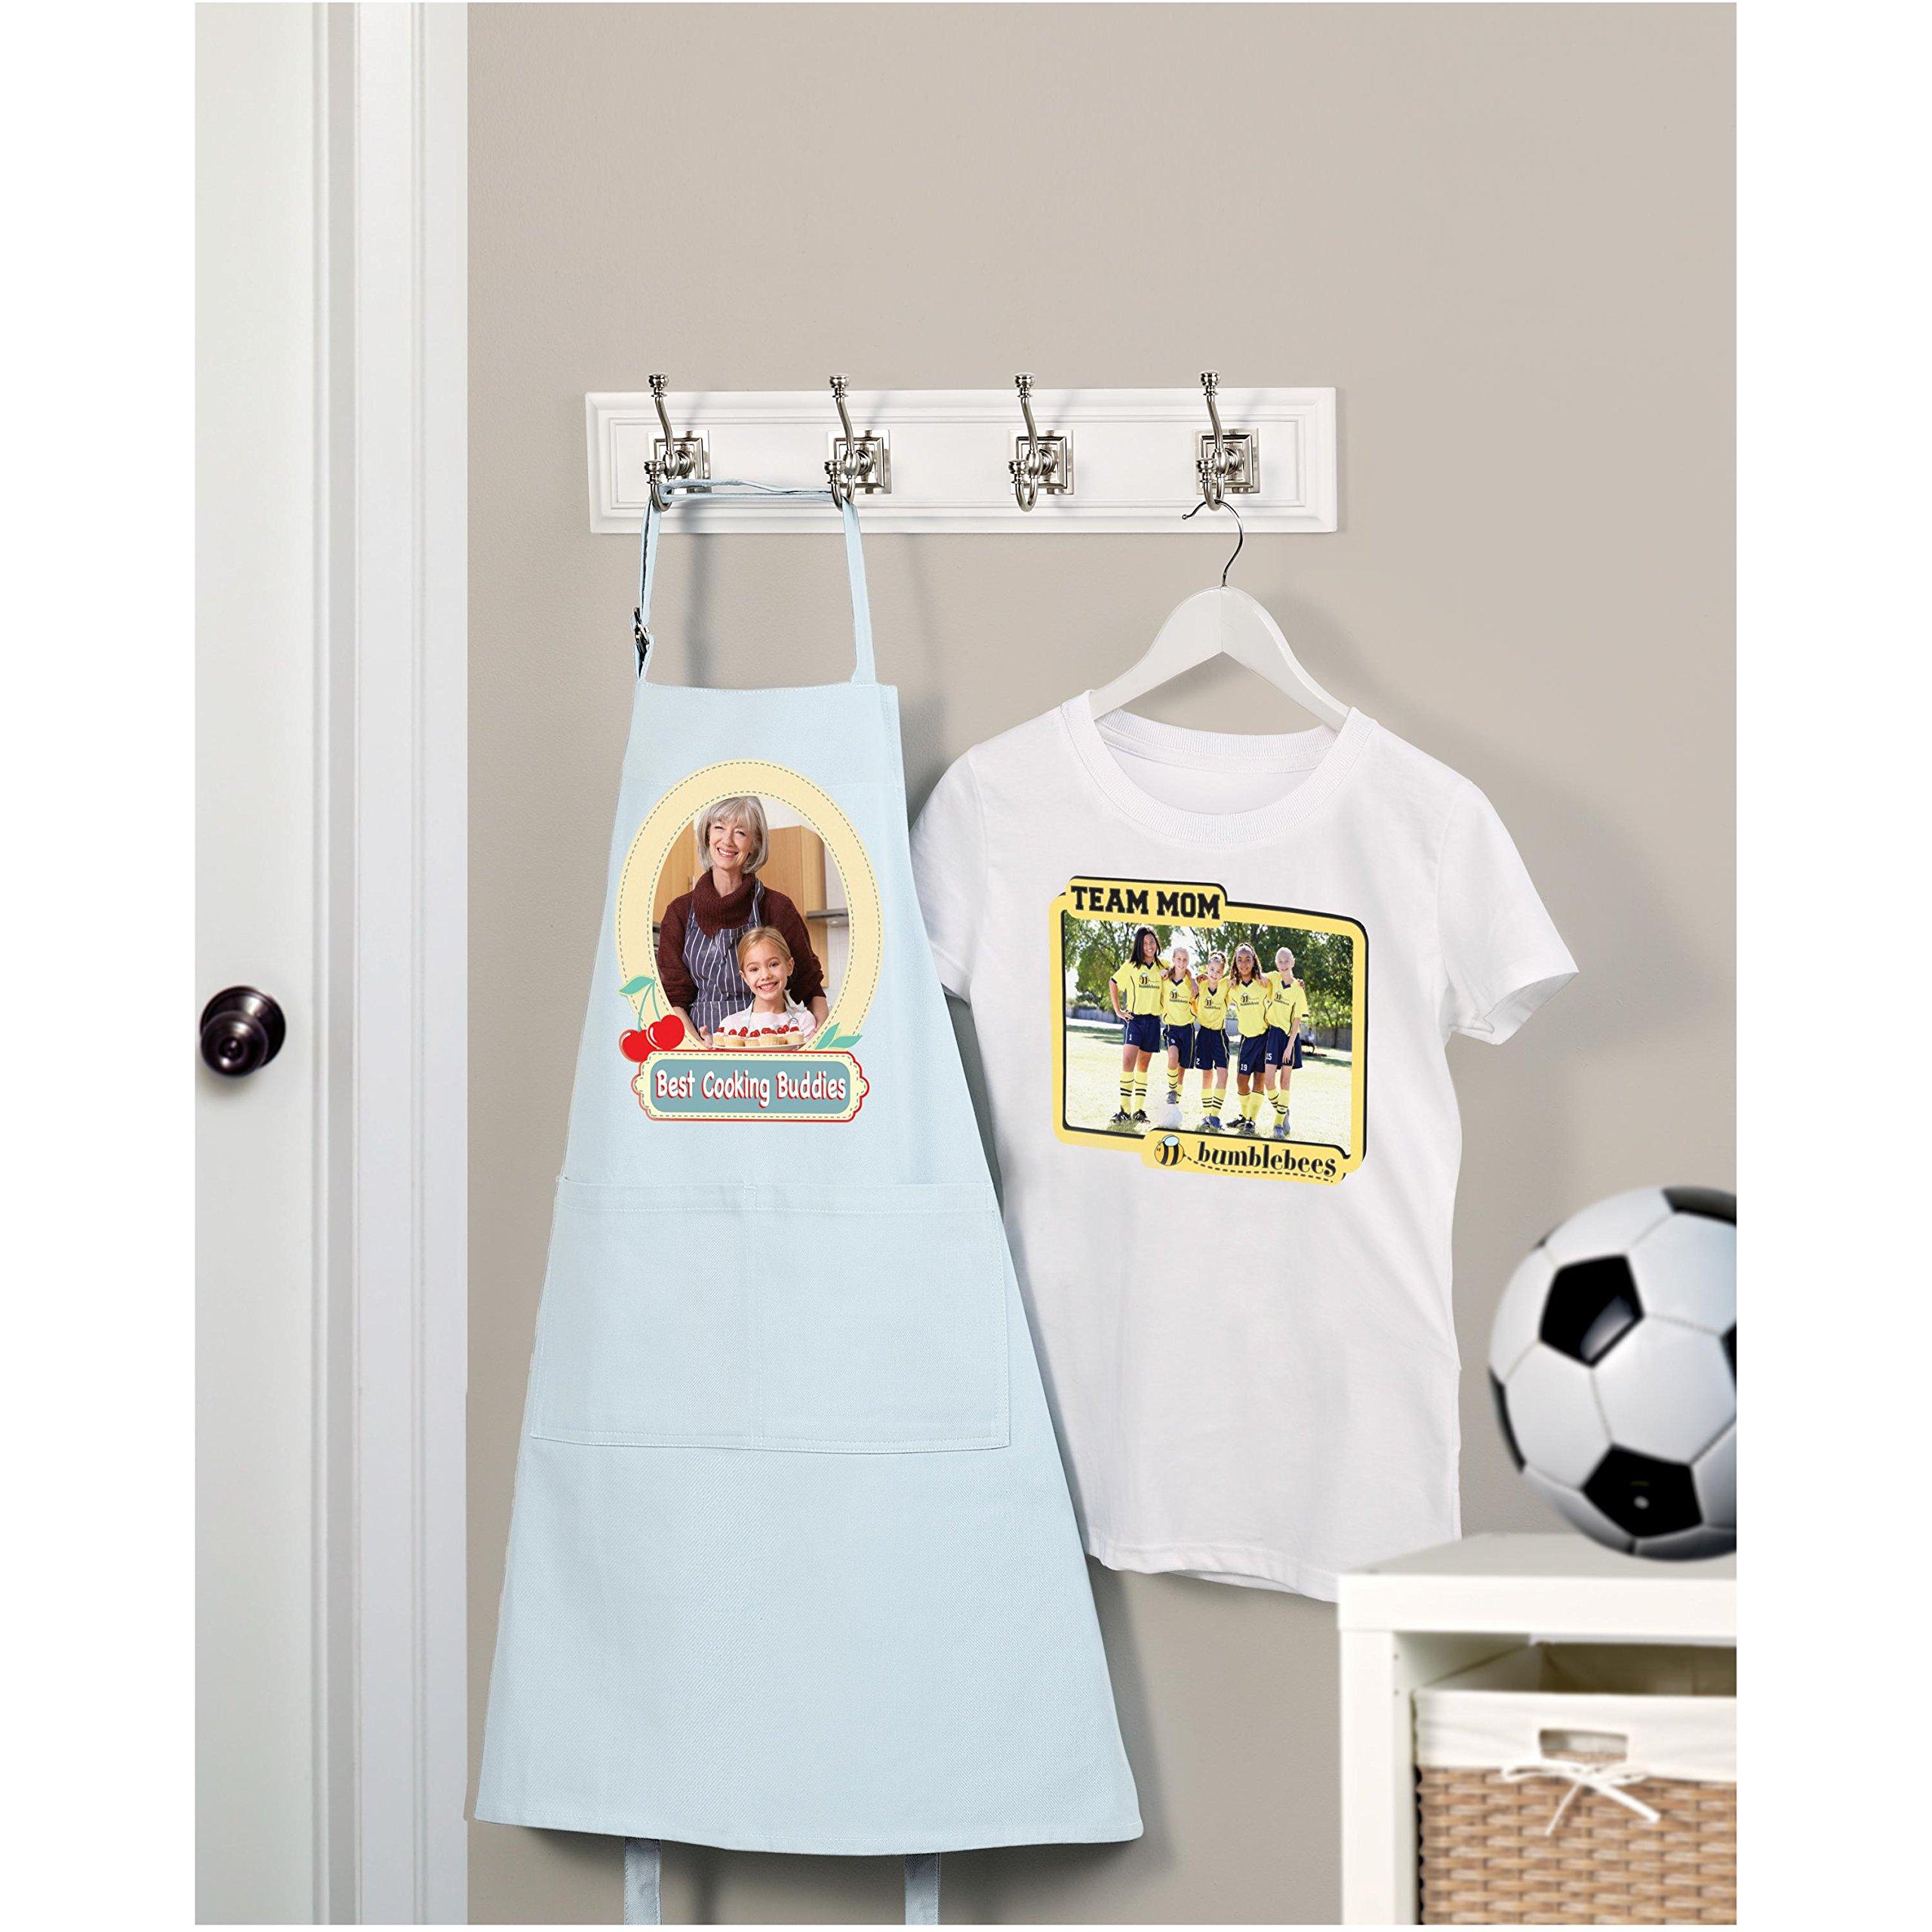 T shirt fabric bag transfer paper inkjet printer for Inkjet t shirt printing